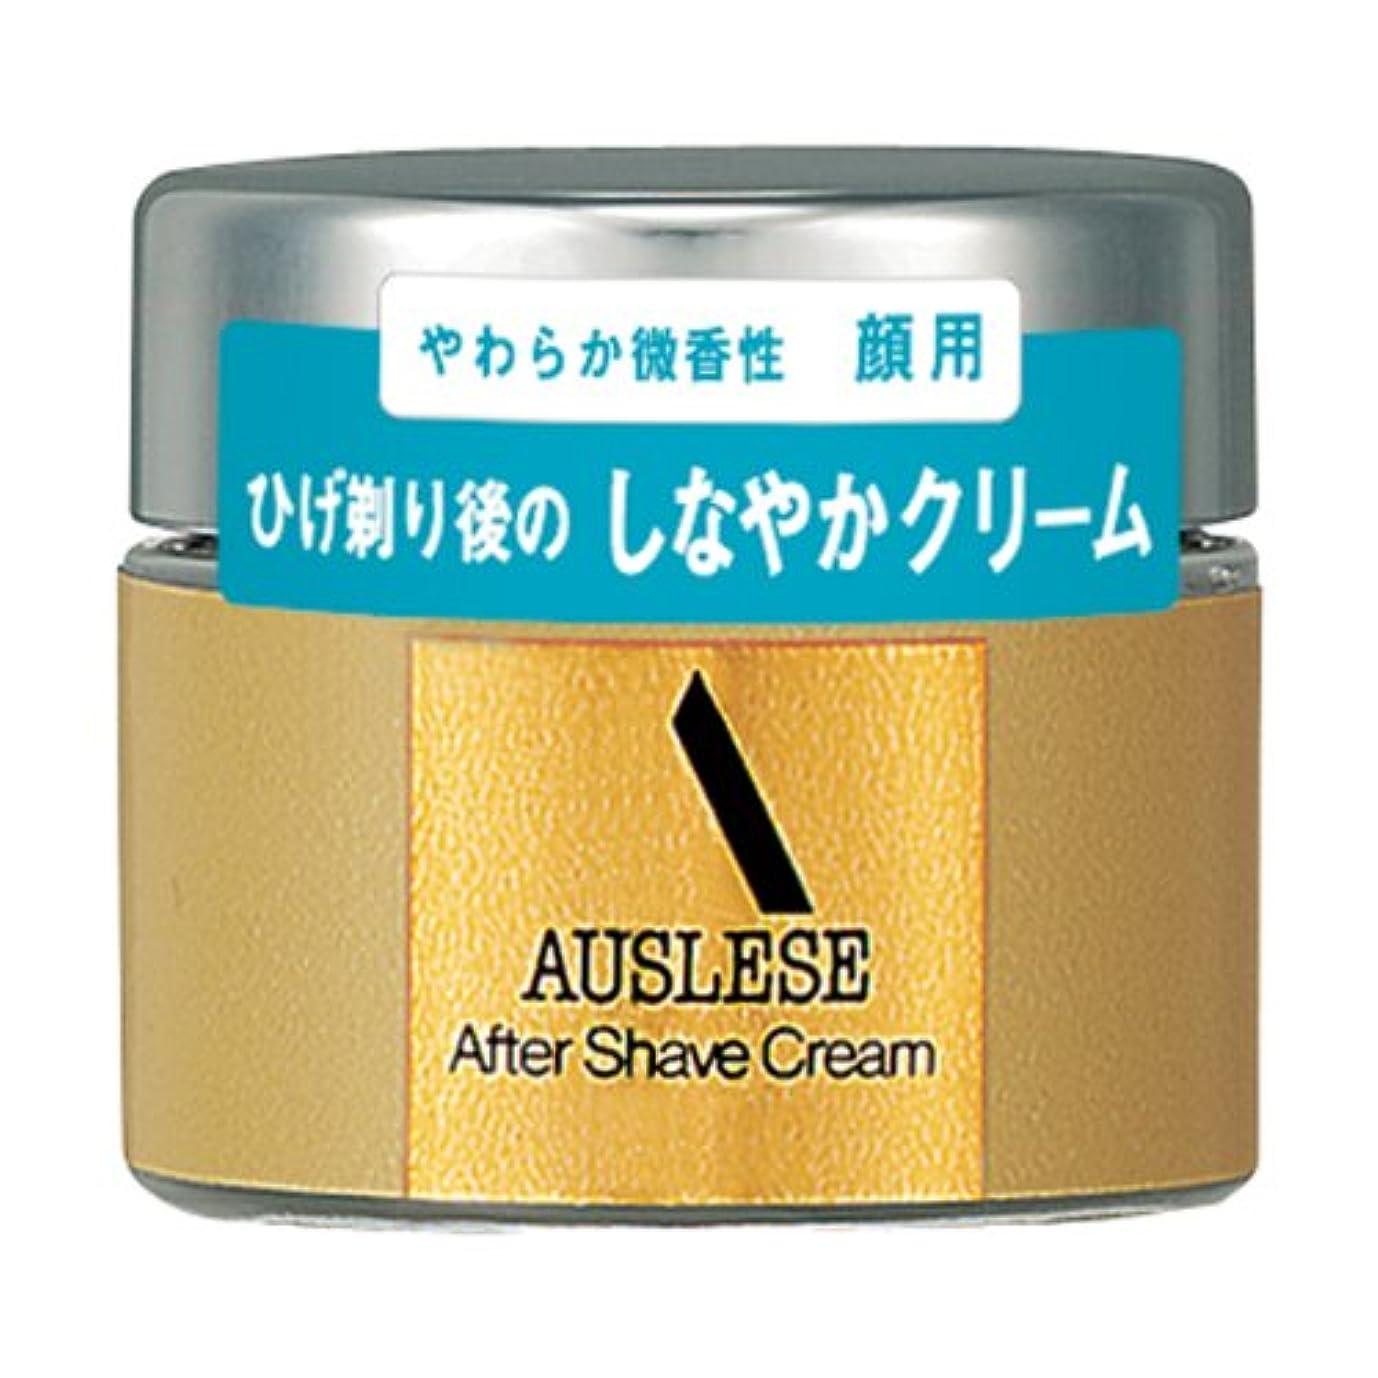 絶対に肺炎生じるアウスレーゼ アフターシェーブクリームNA 30g 【医薬部外品】